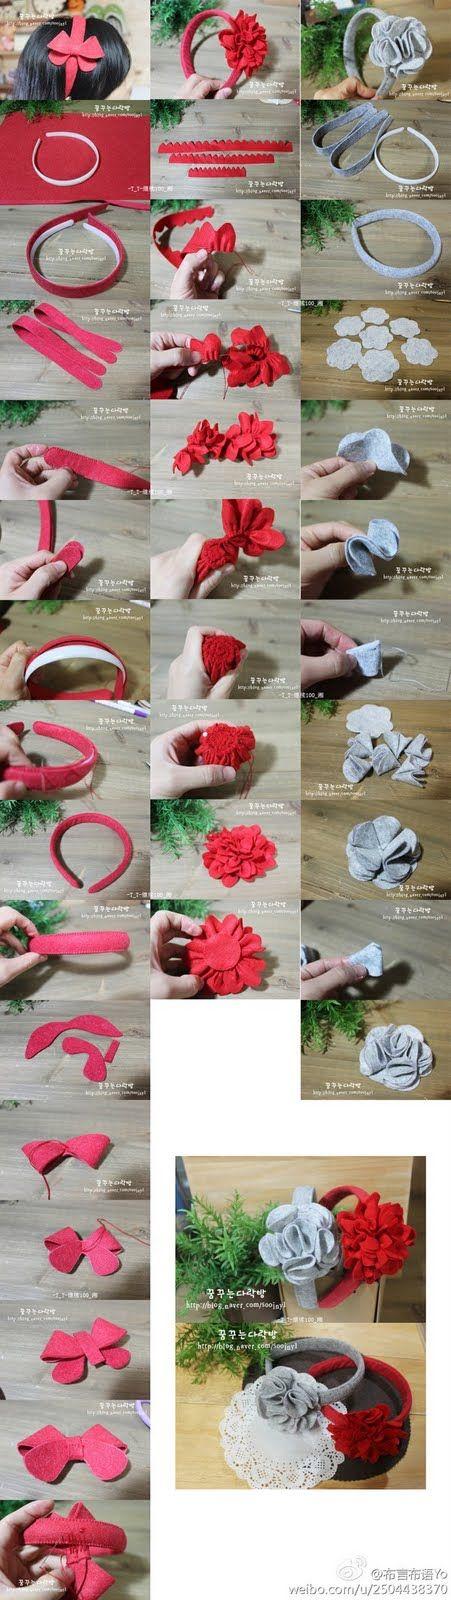 Blog który pokazuje jak krok po kroku wykonywać prace DIY,zachęca do recyklingu, własnoręcznych prac oraz tworzenie rękodzieła.